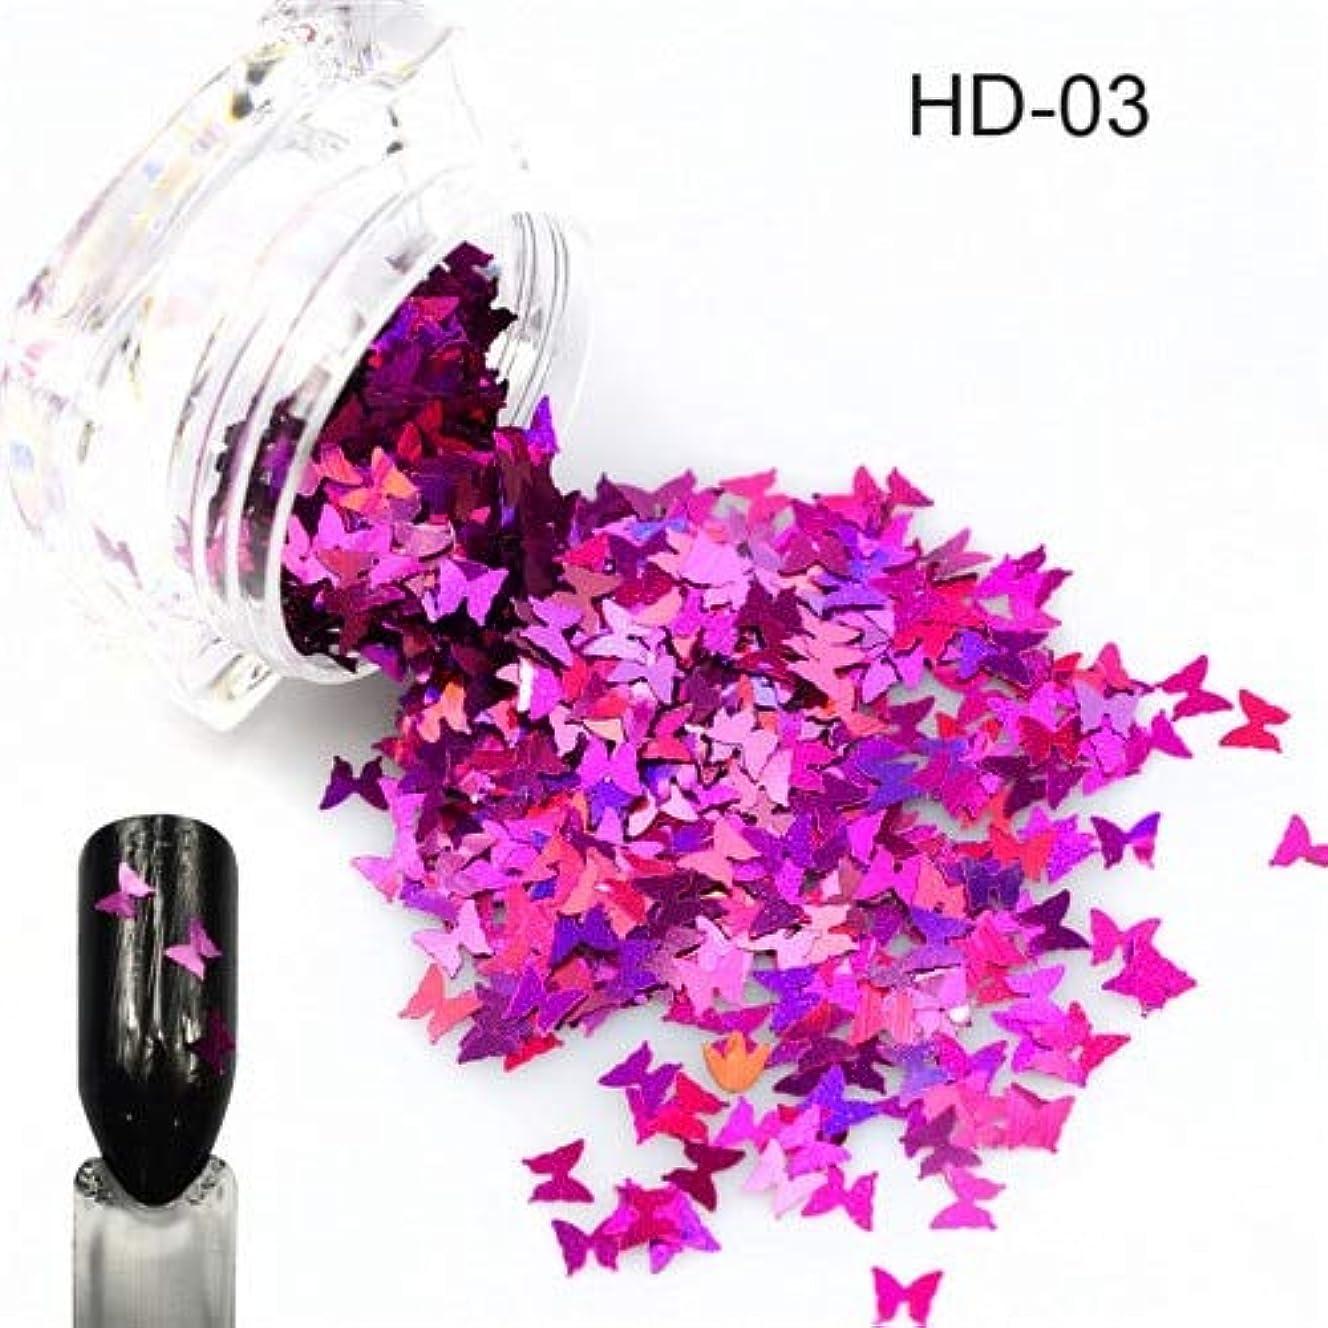 メイン喜んで終わり1ピース新しい爪輝く蝶の形ミックス色美容ジェルネイルアートチャームミニパレット小型サイズスパンコール装飾SAHD01-05 HD03